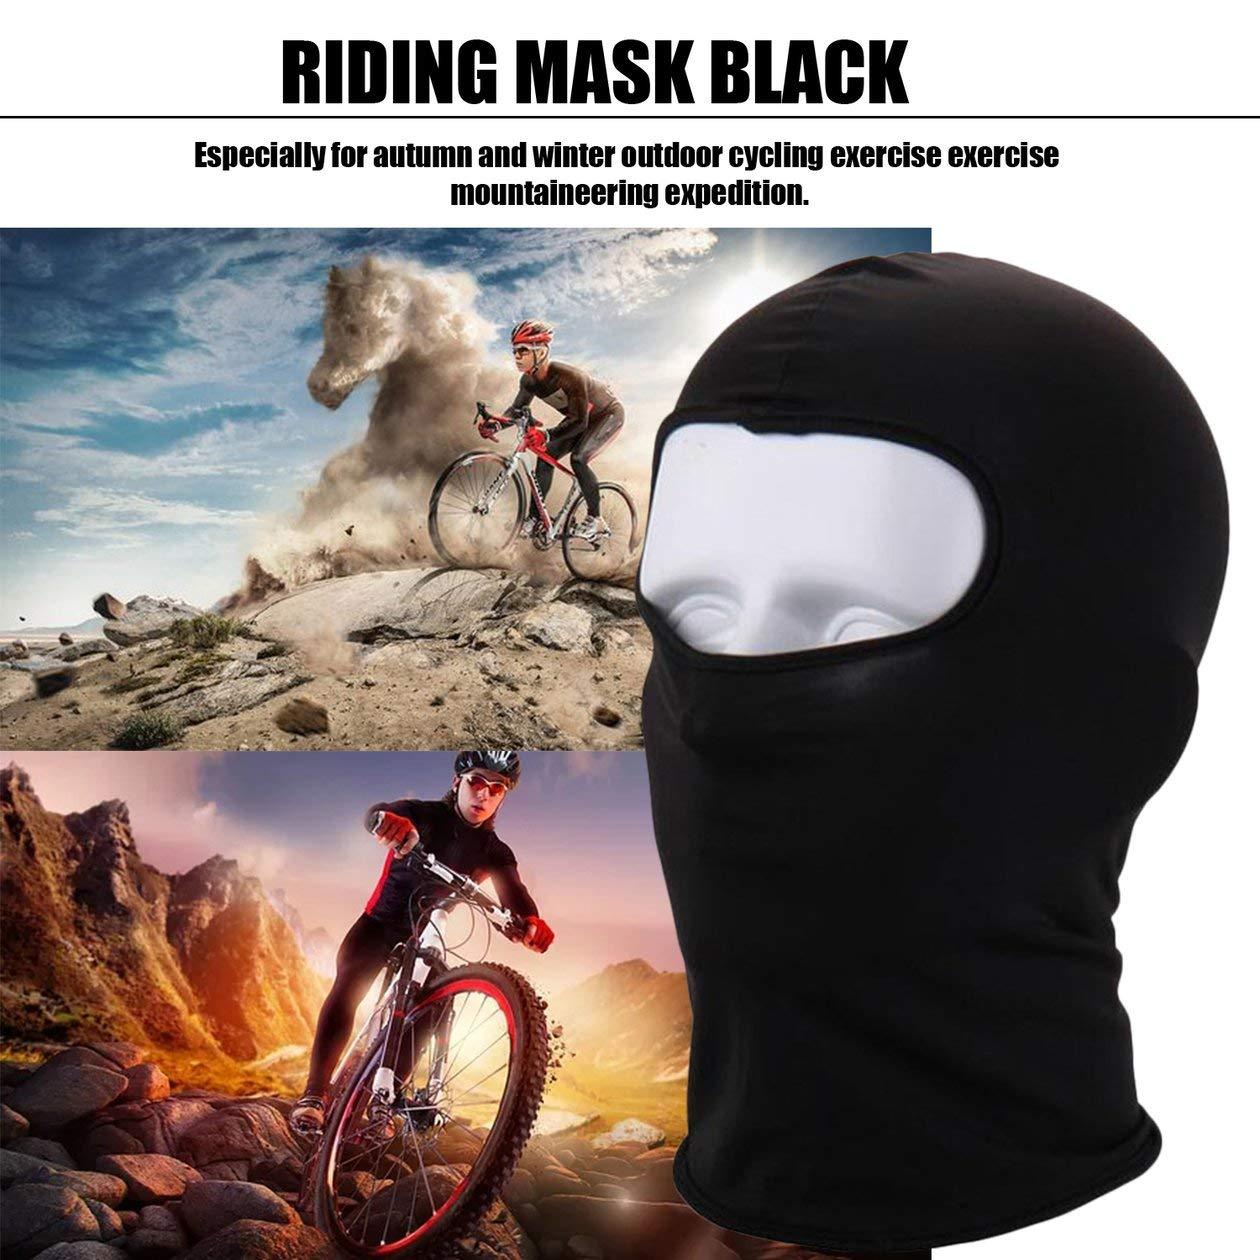 HONGIRT Coprispalle Caldo in Pile alla Moda Maschera da Sci Antivento Antivento Cappuccio da Snowboard Anti-Polvere Sciarpa Passamontagna Termica Colore: Nero